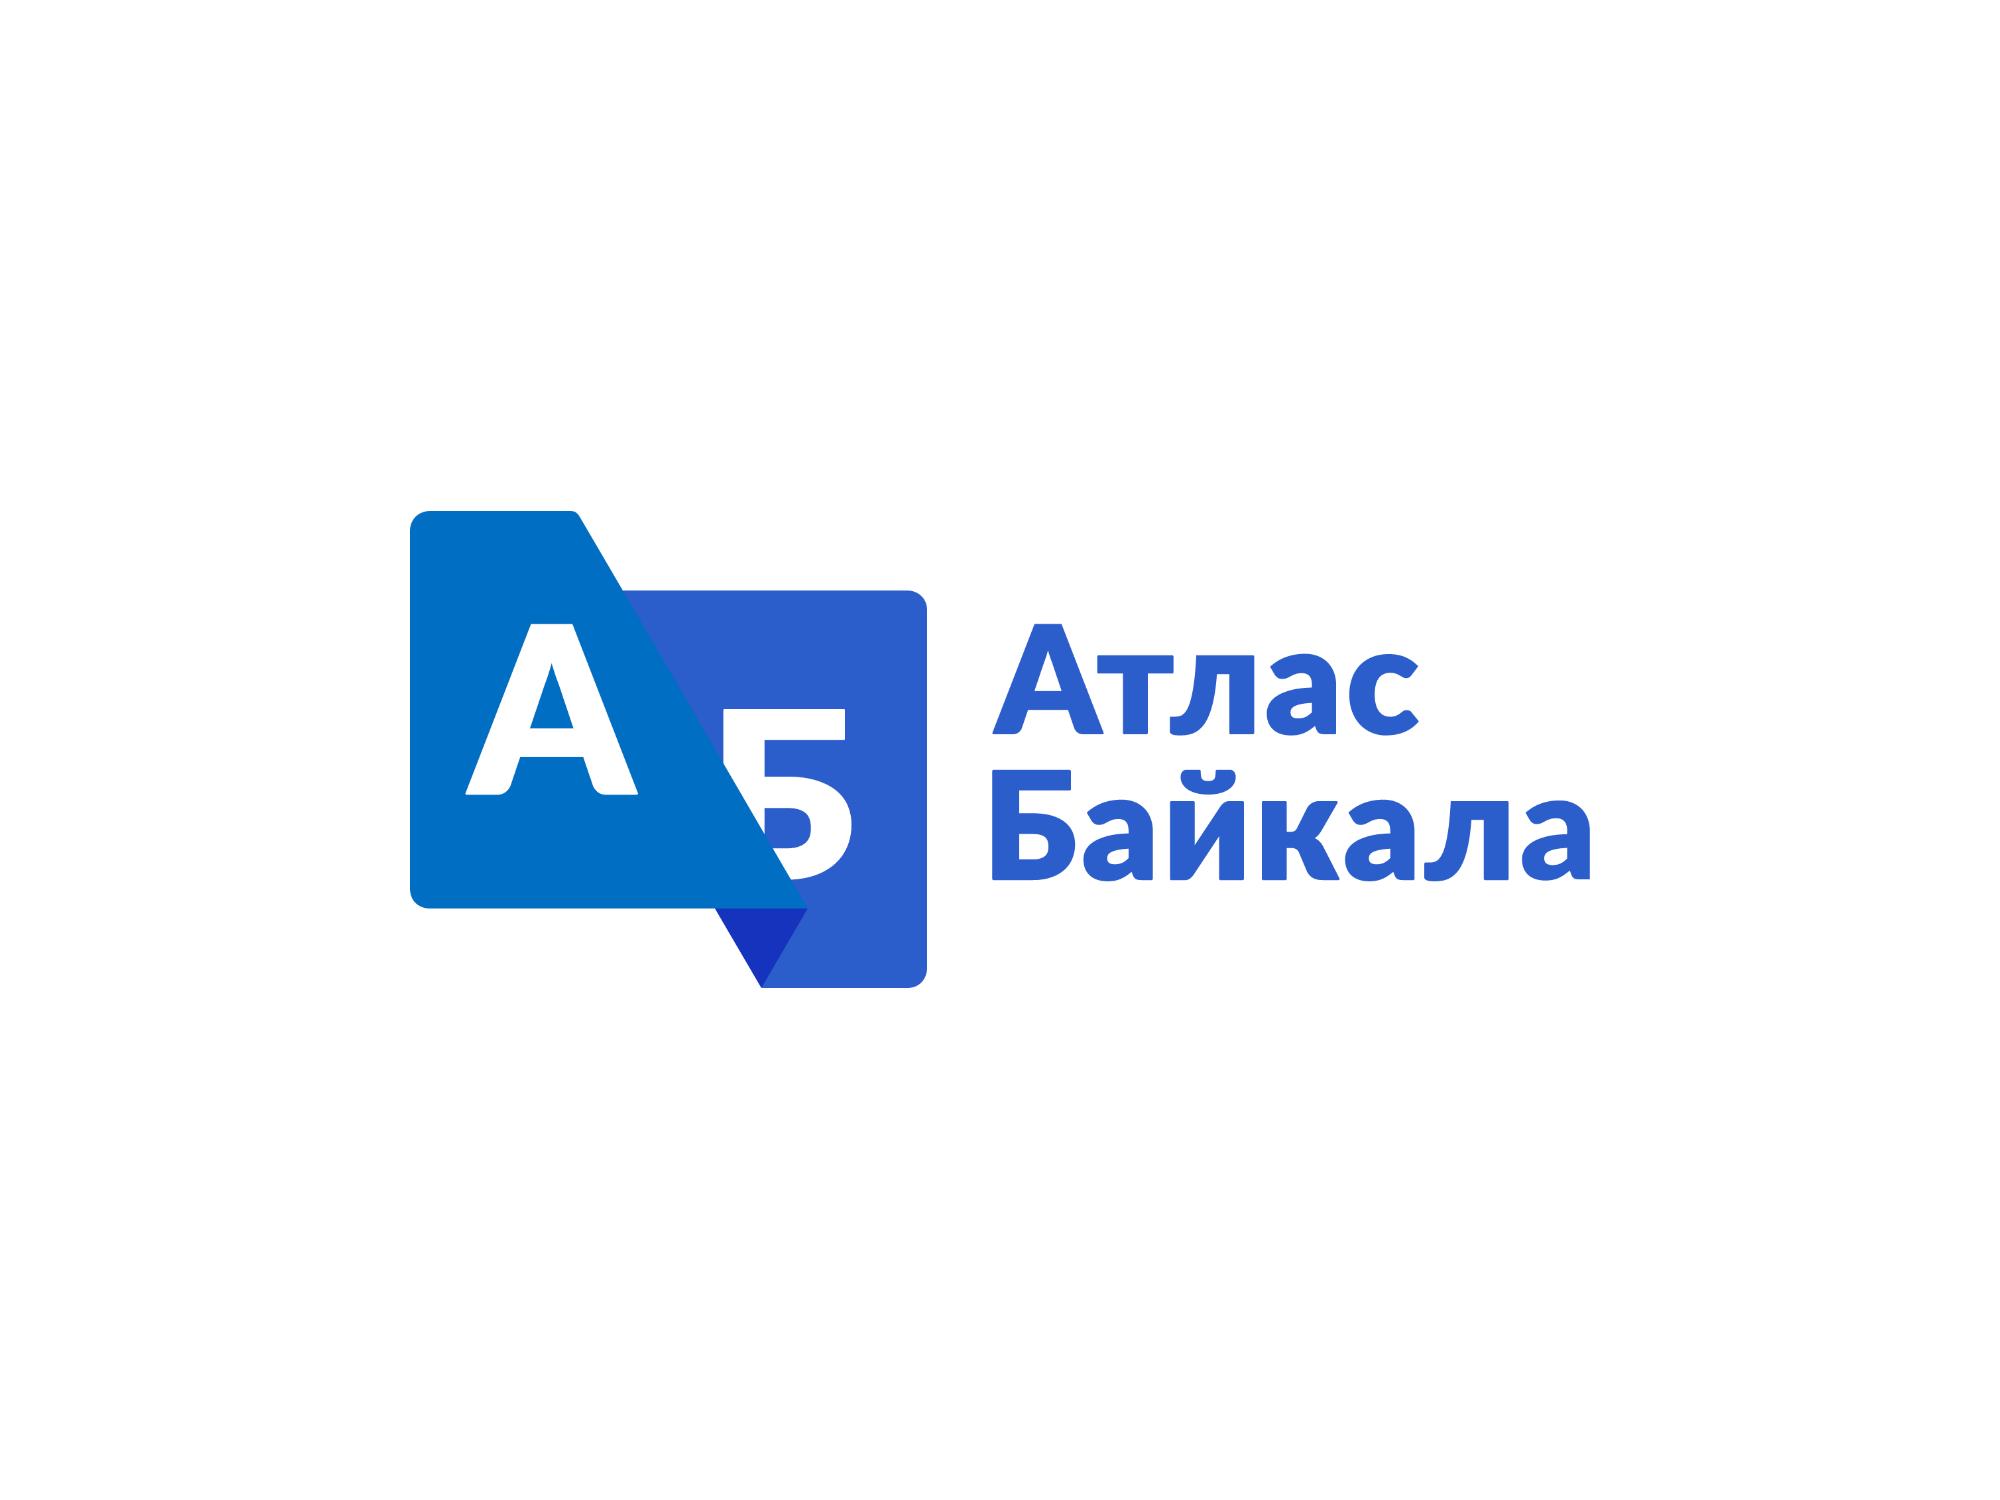 Разработка логотипа Атлас Байкала фото f_4235b0e5bc70ef9c.png